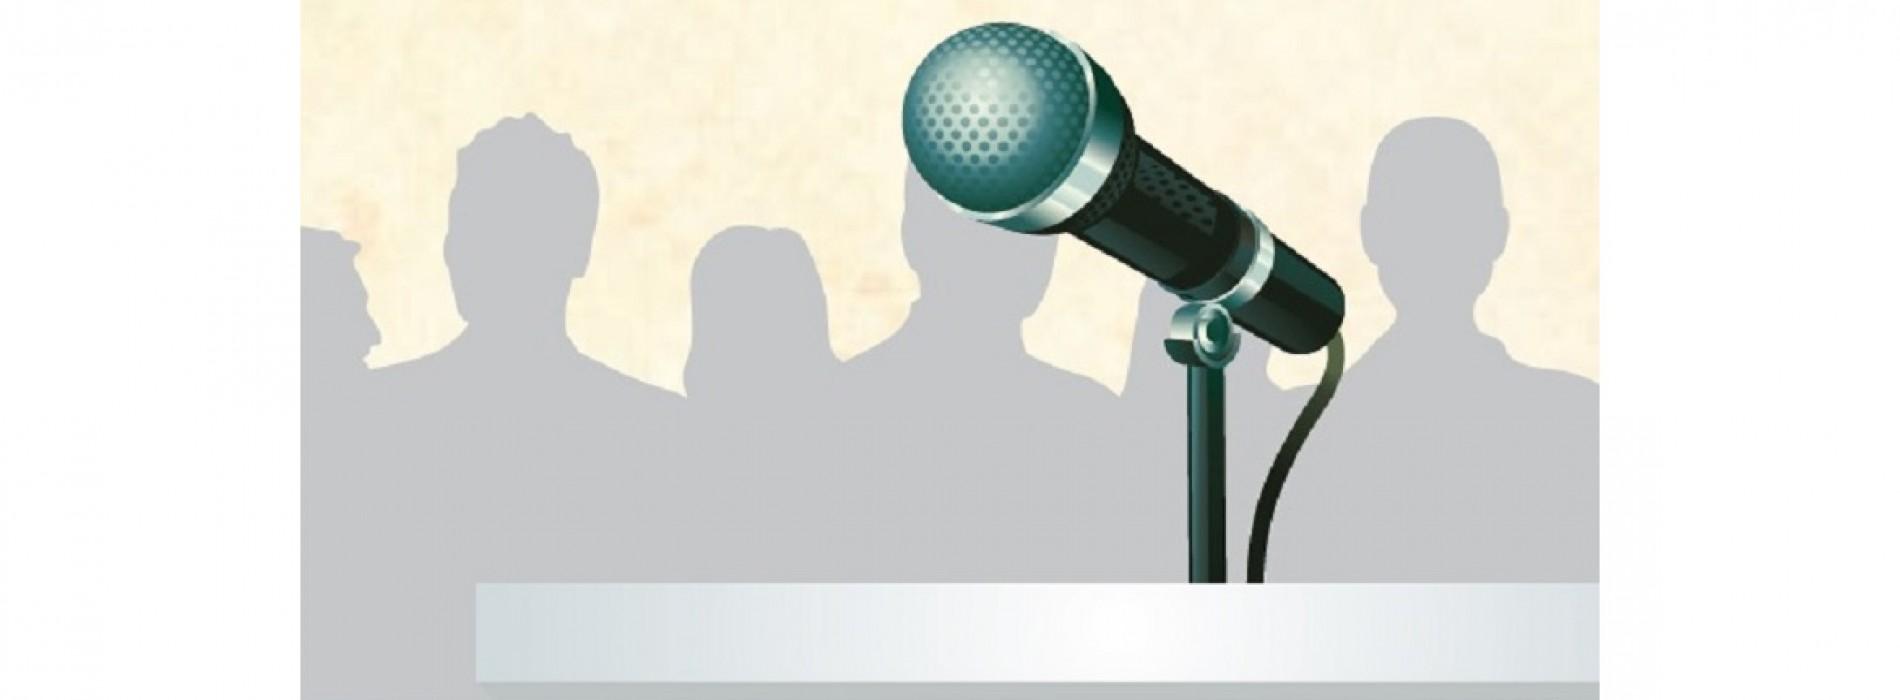 Debate sobre cortes na Educação e a valorização dos professores